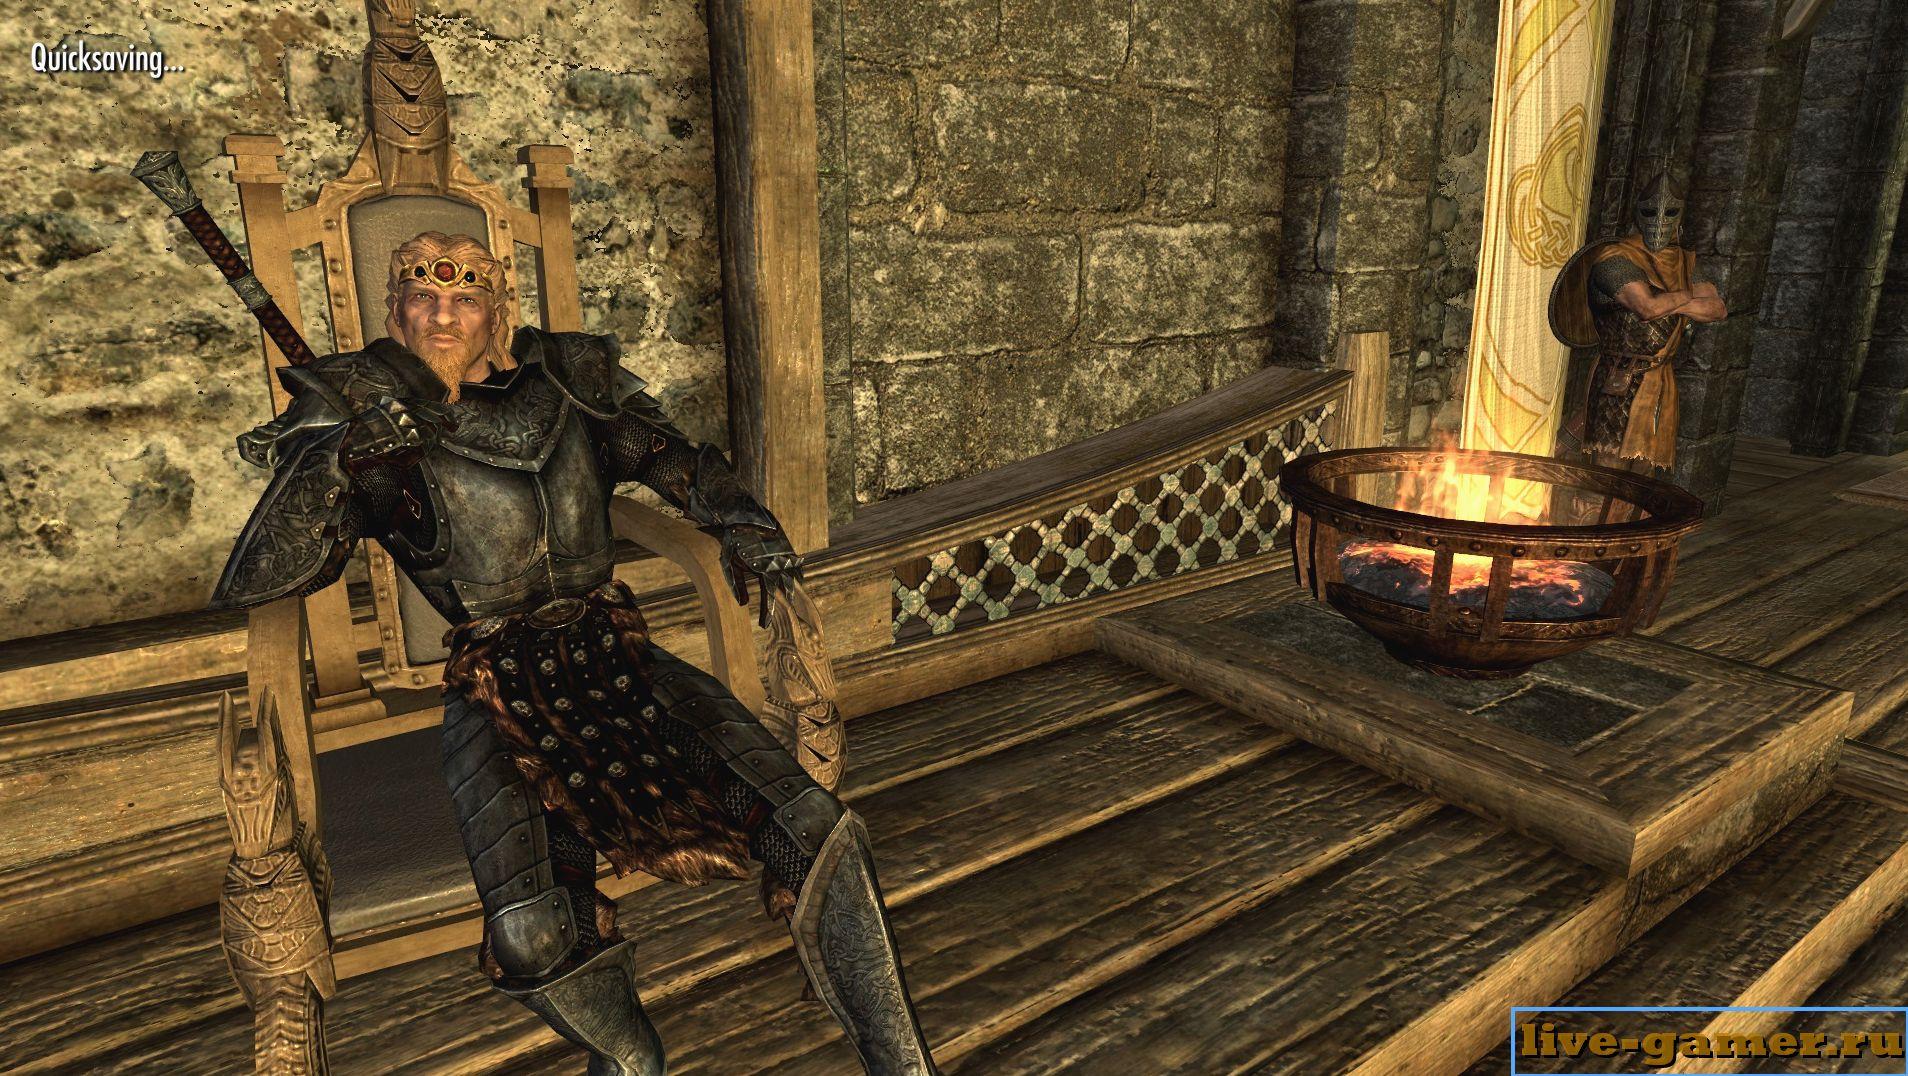 Как стать королем в Скайриме